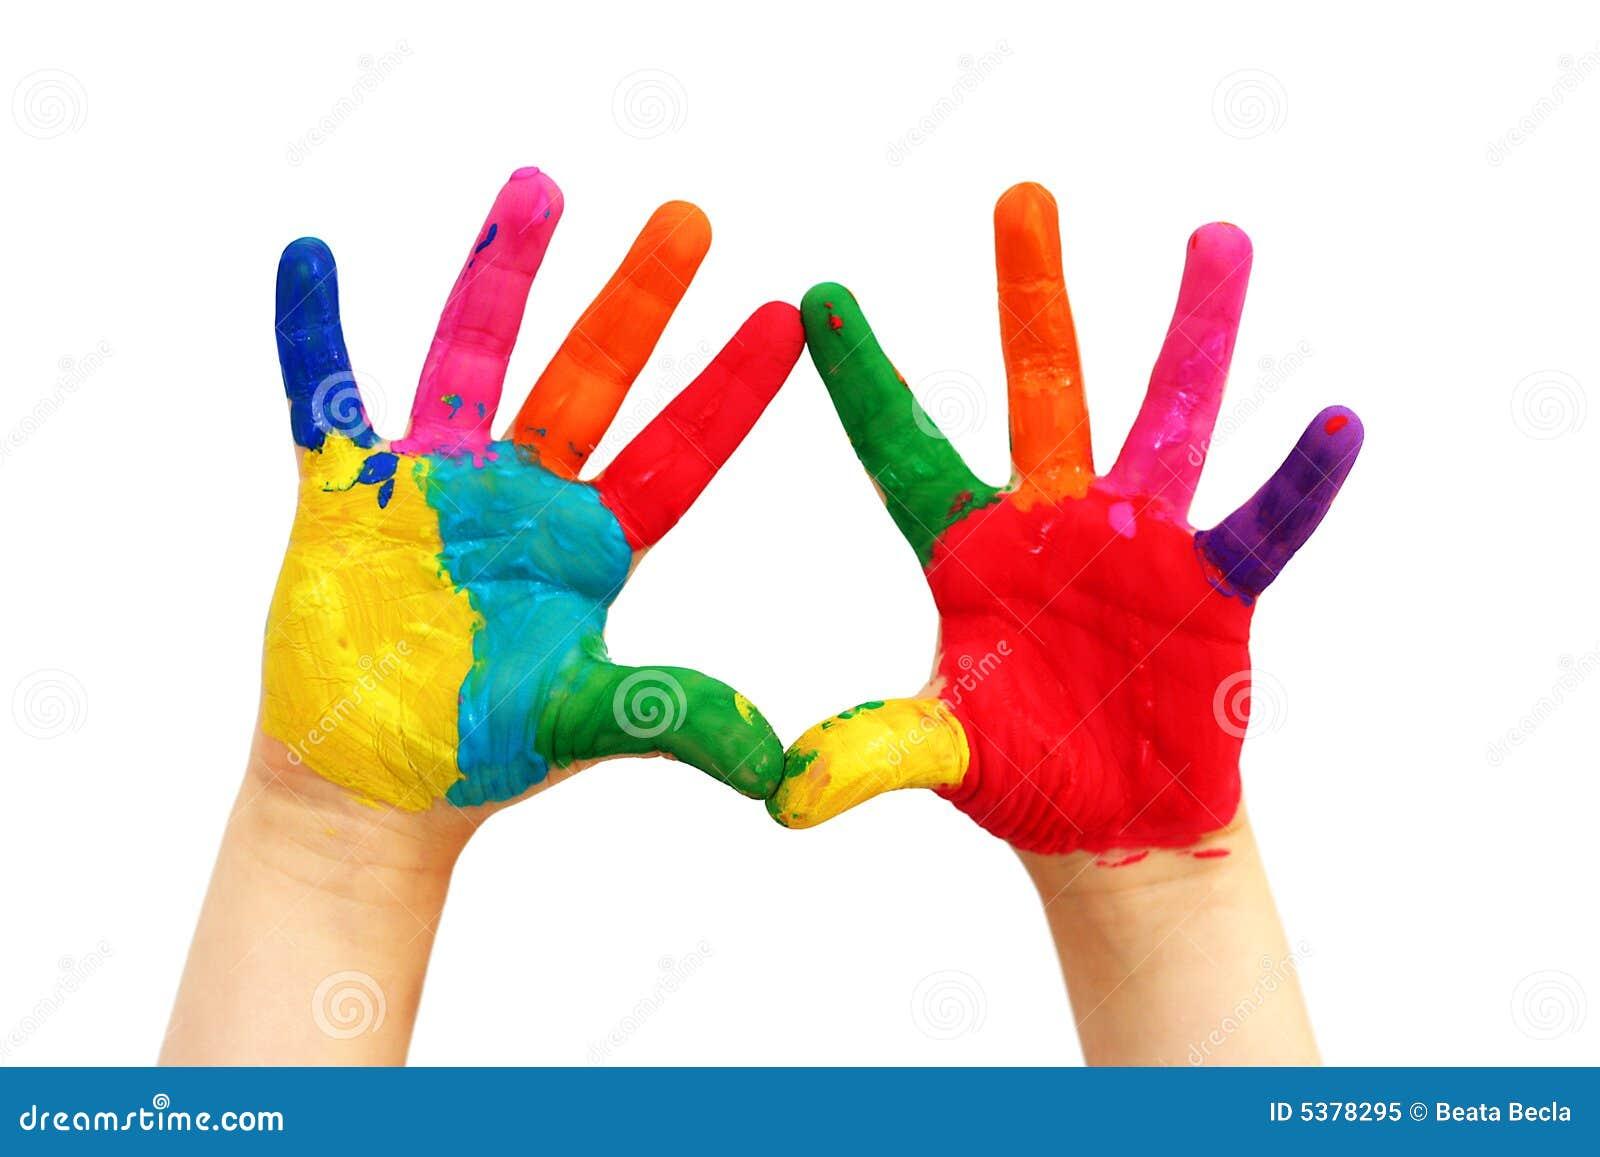 Gemalte Kindhände